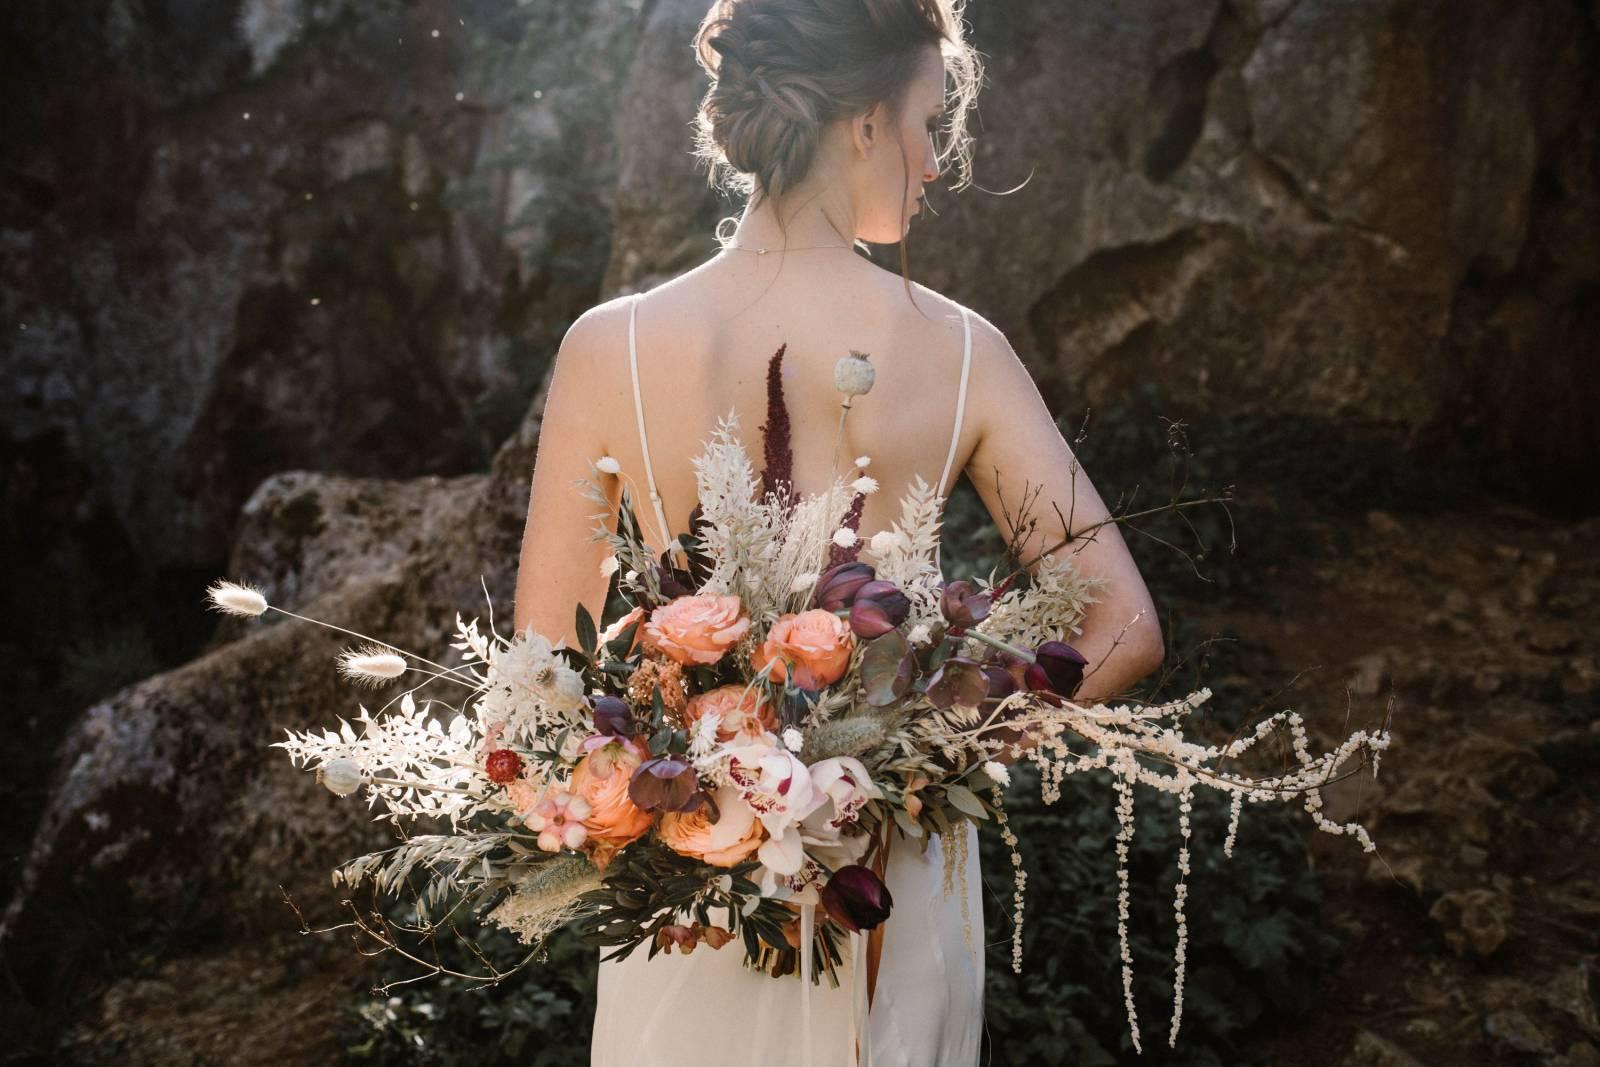 Wild Flower Fairy - Bloemen - Bruidsboeket - House of Weddings - 2